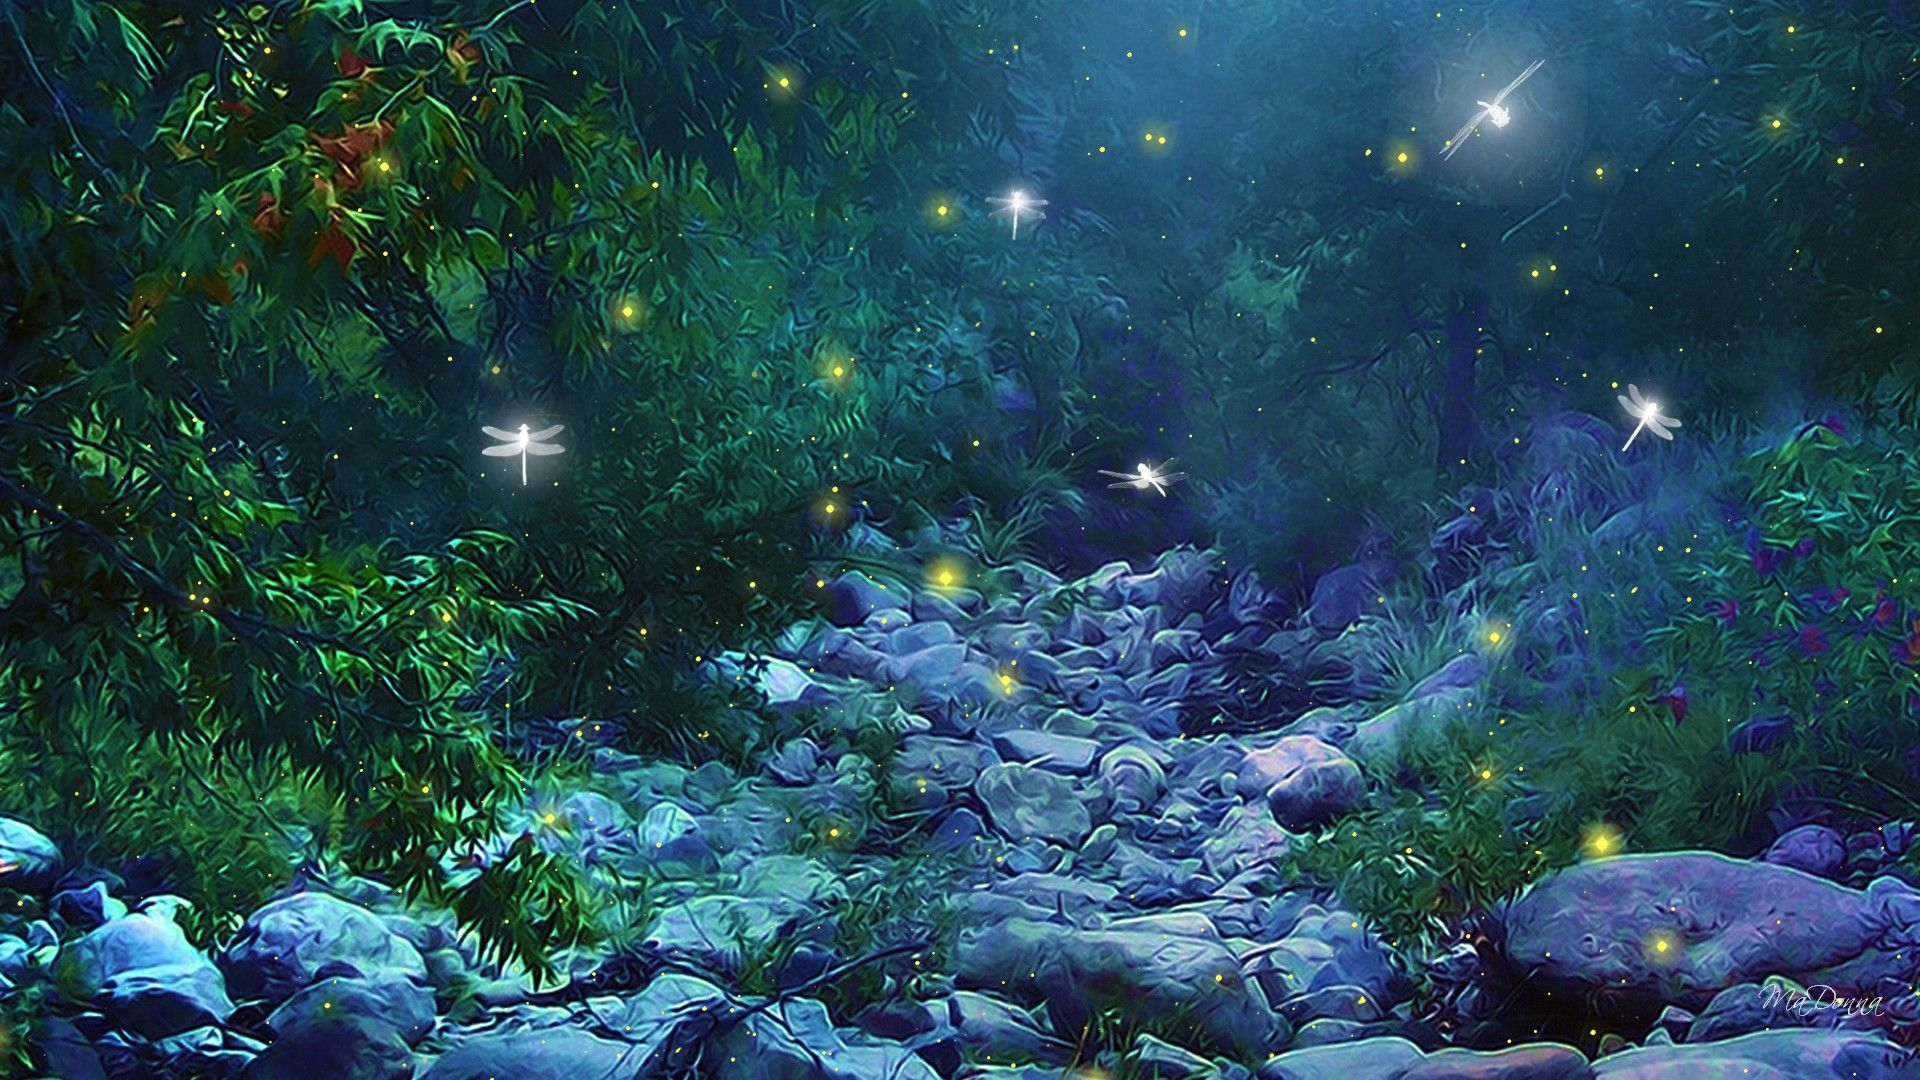 Hd Summer Fireflies Dragonflies Wallpaper Full Hd